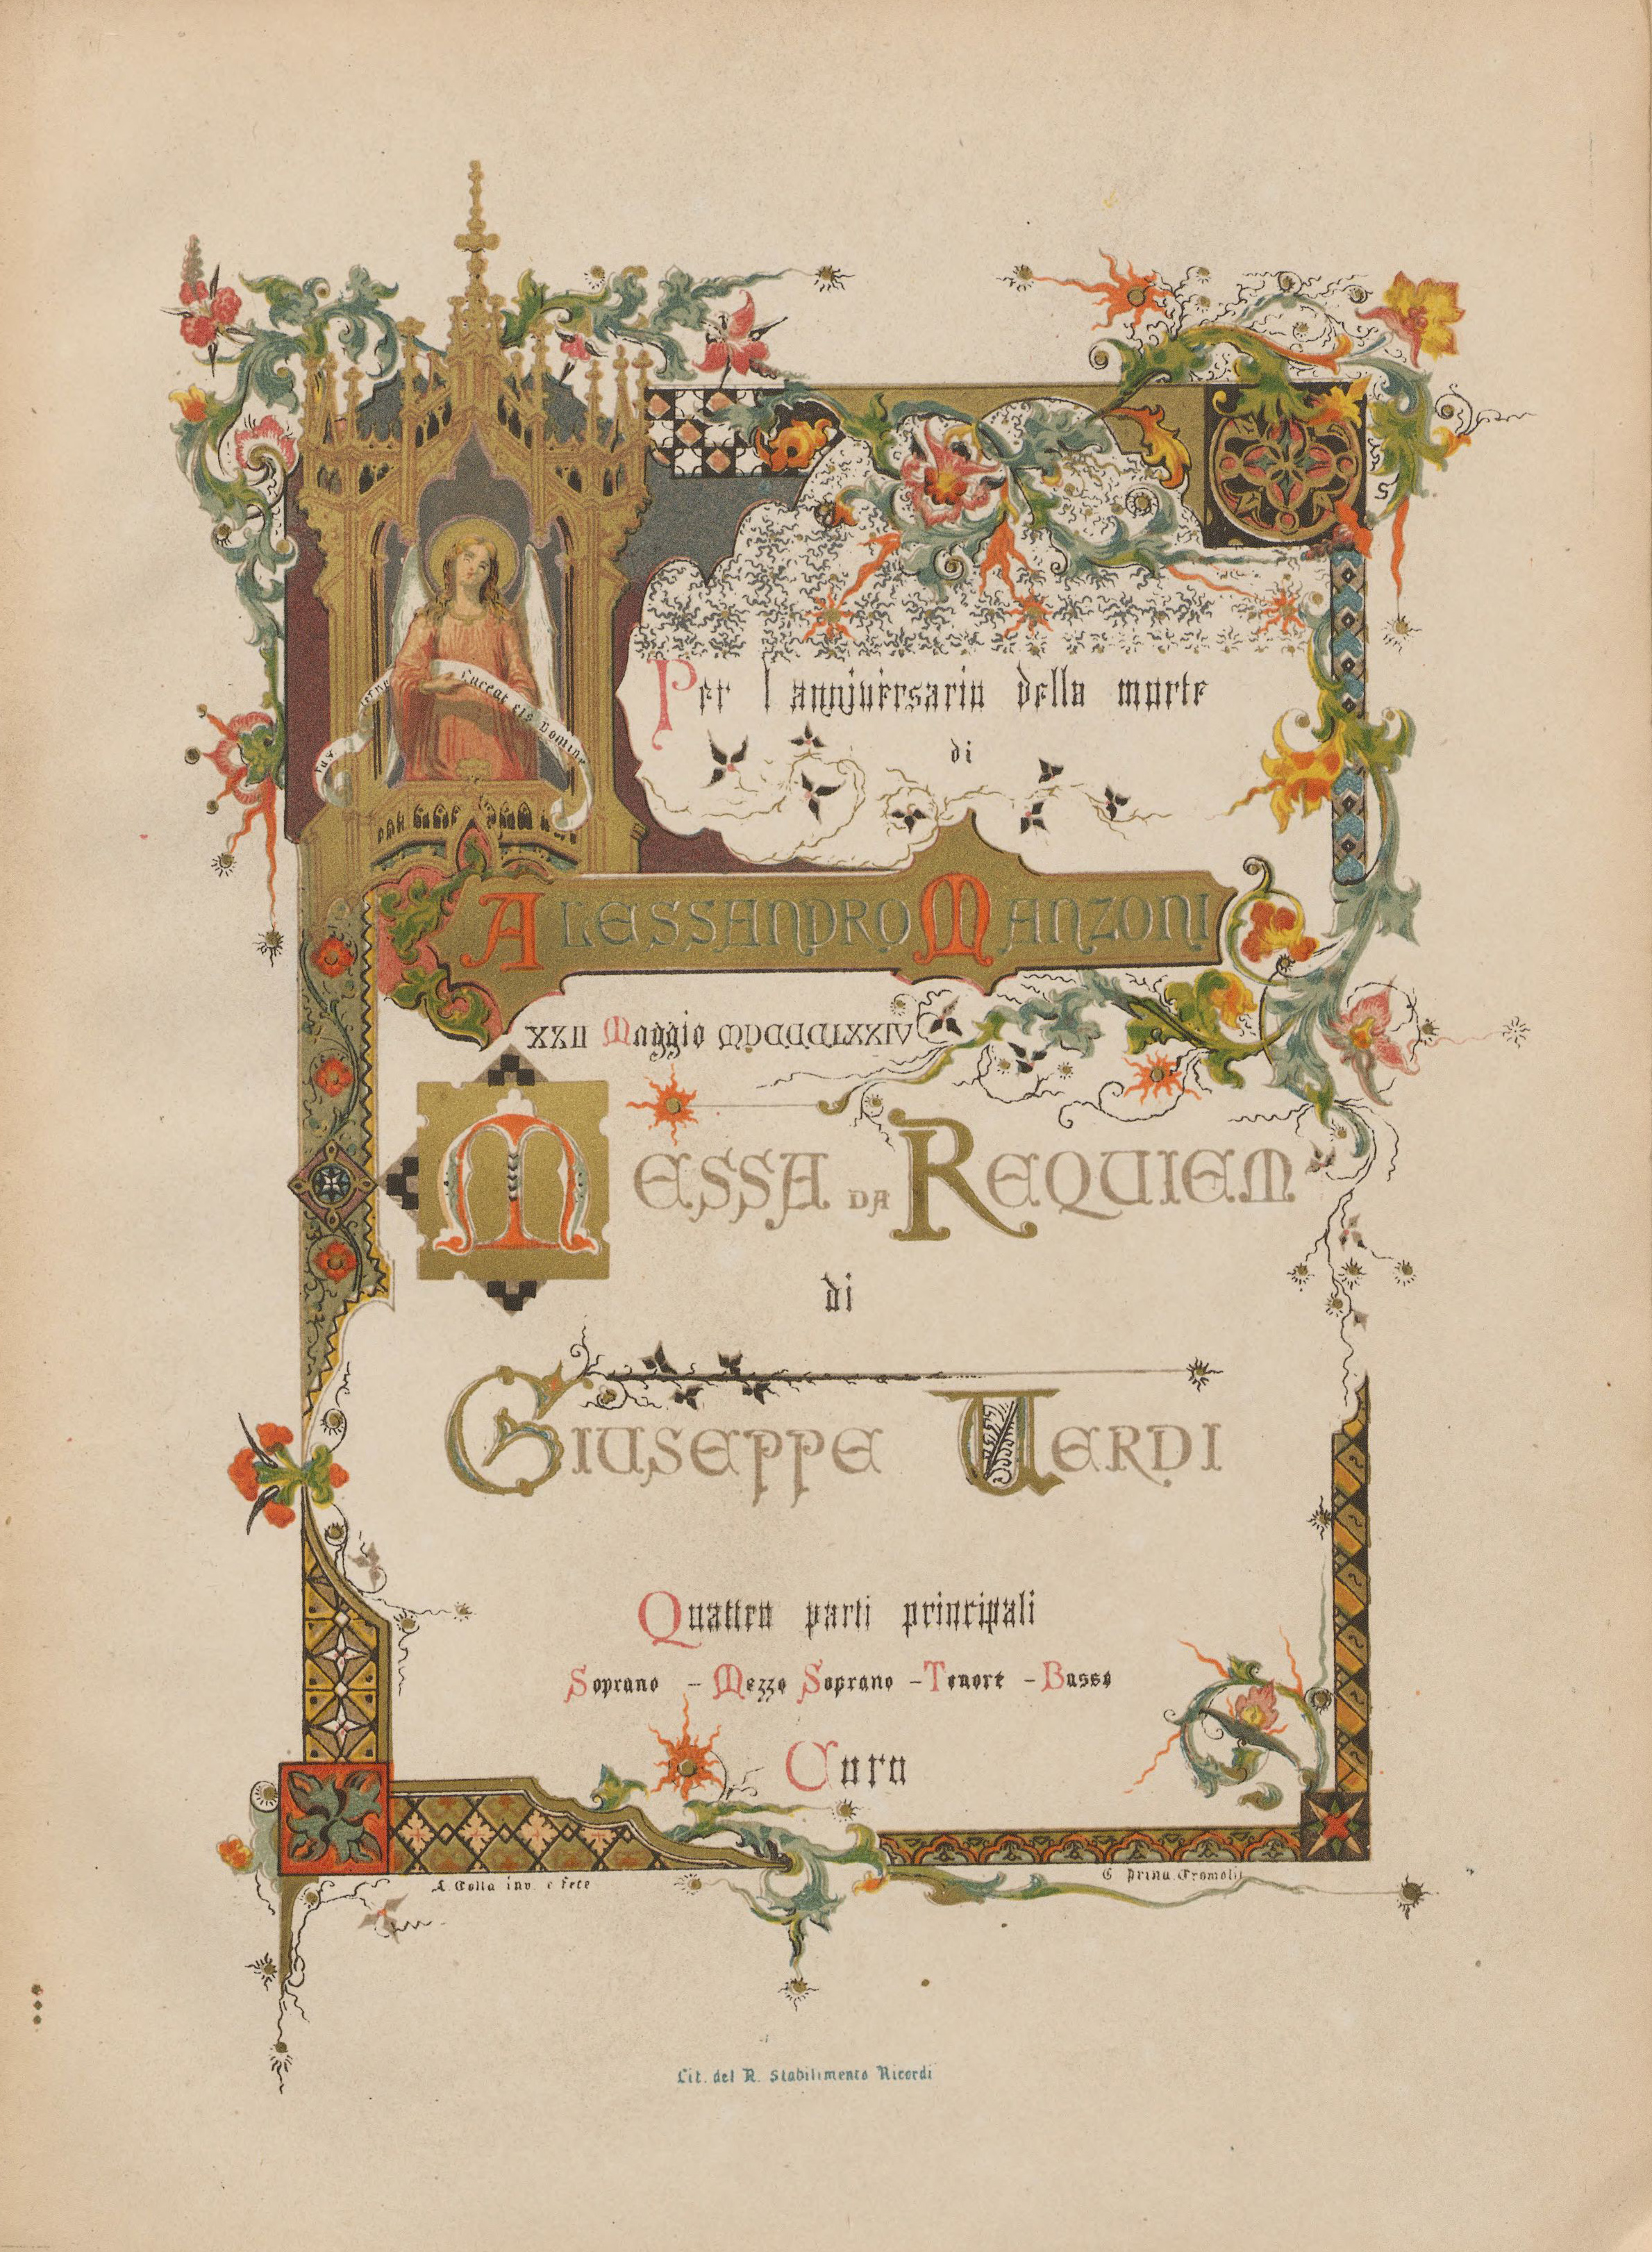 filegiuseppe verdi requiem sheet music title pagejpg